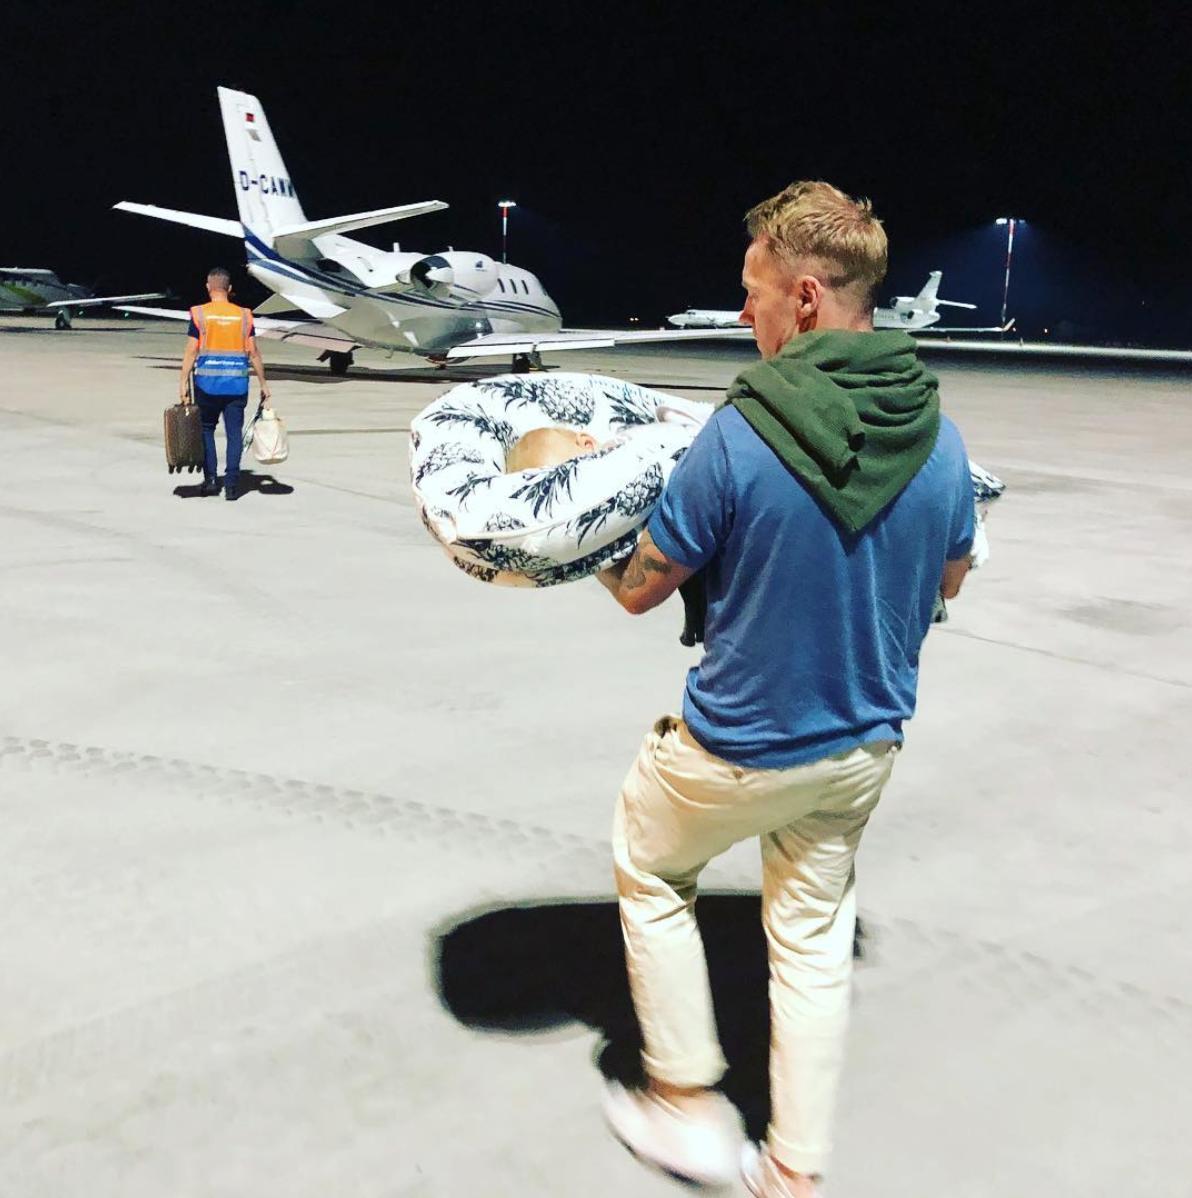 Ronan Keating Storm Keating Instagram